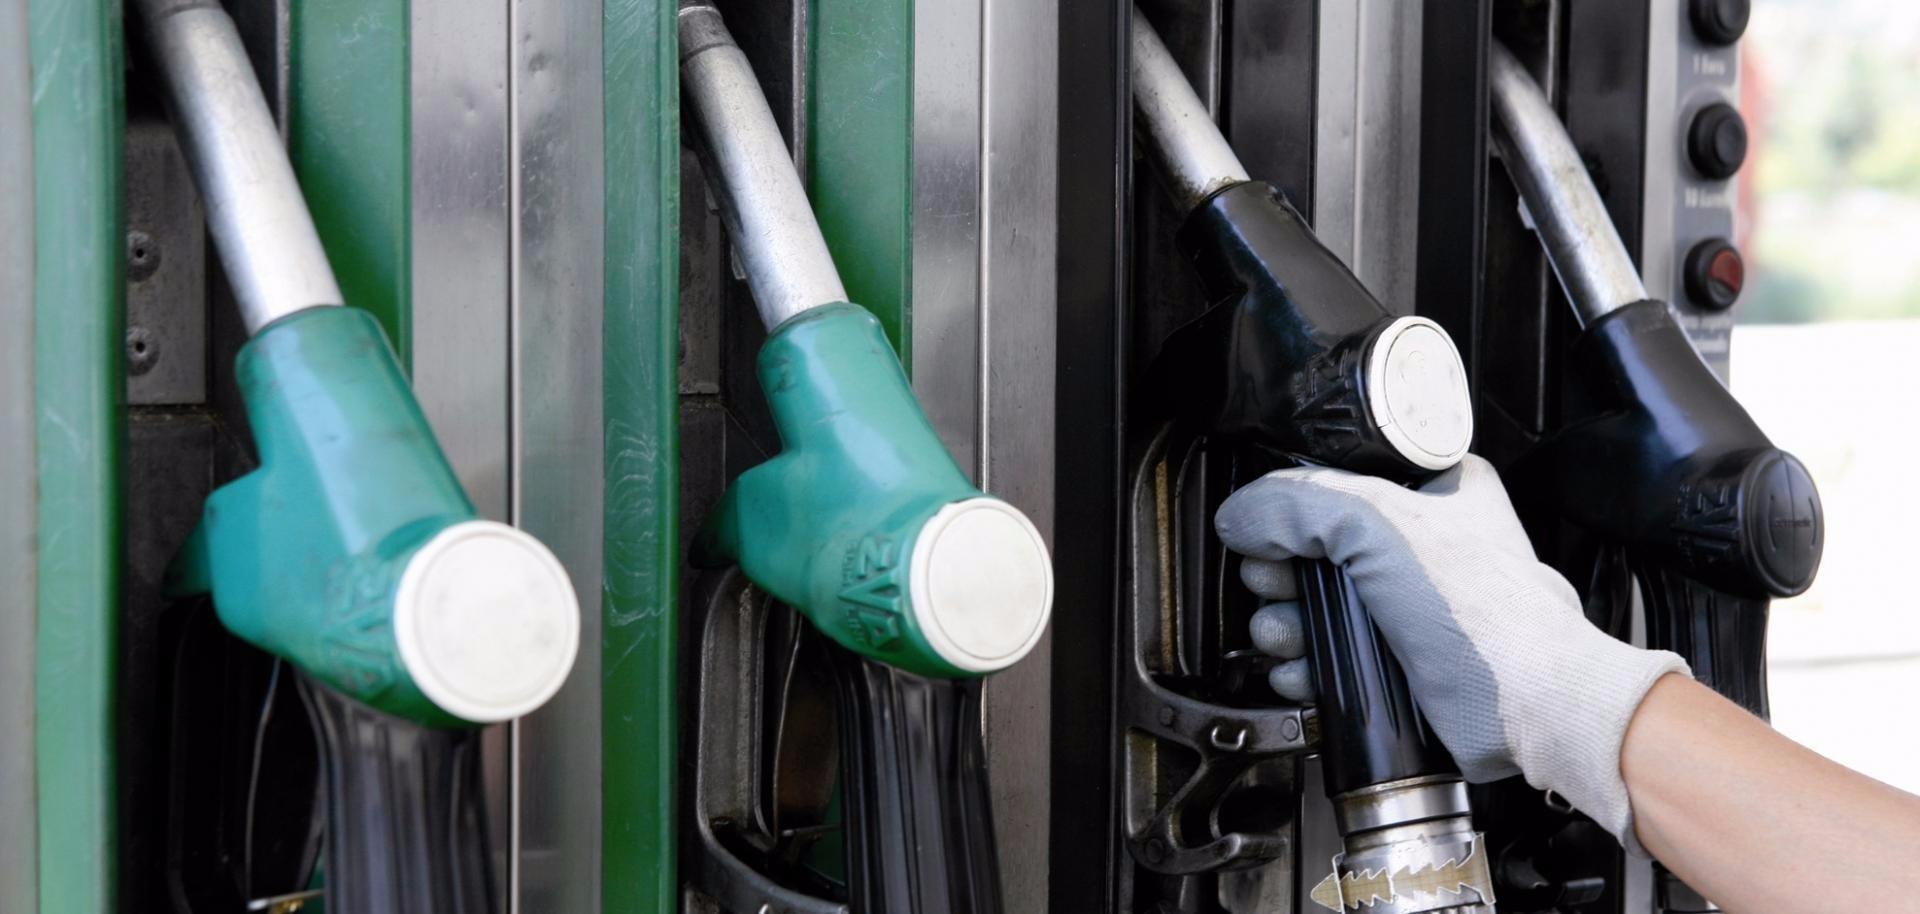 España Estación de servicio gasolinera 24HEspaña Estación de servicio gasolinera 24H